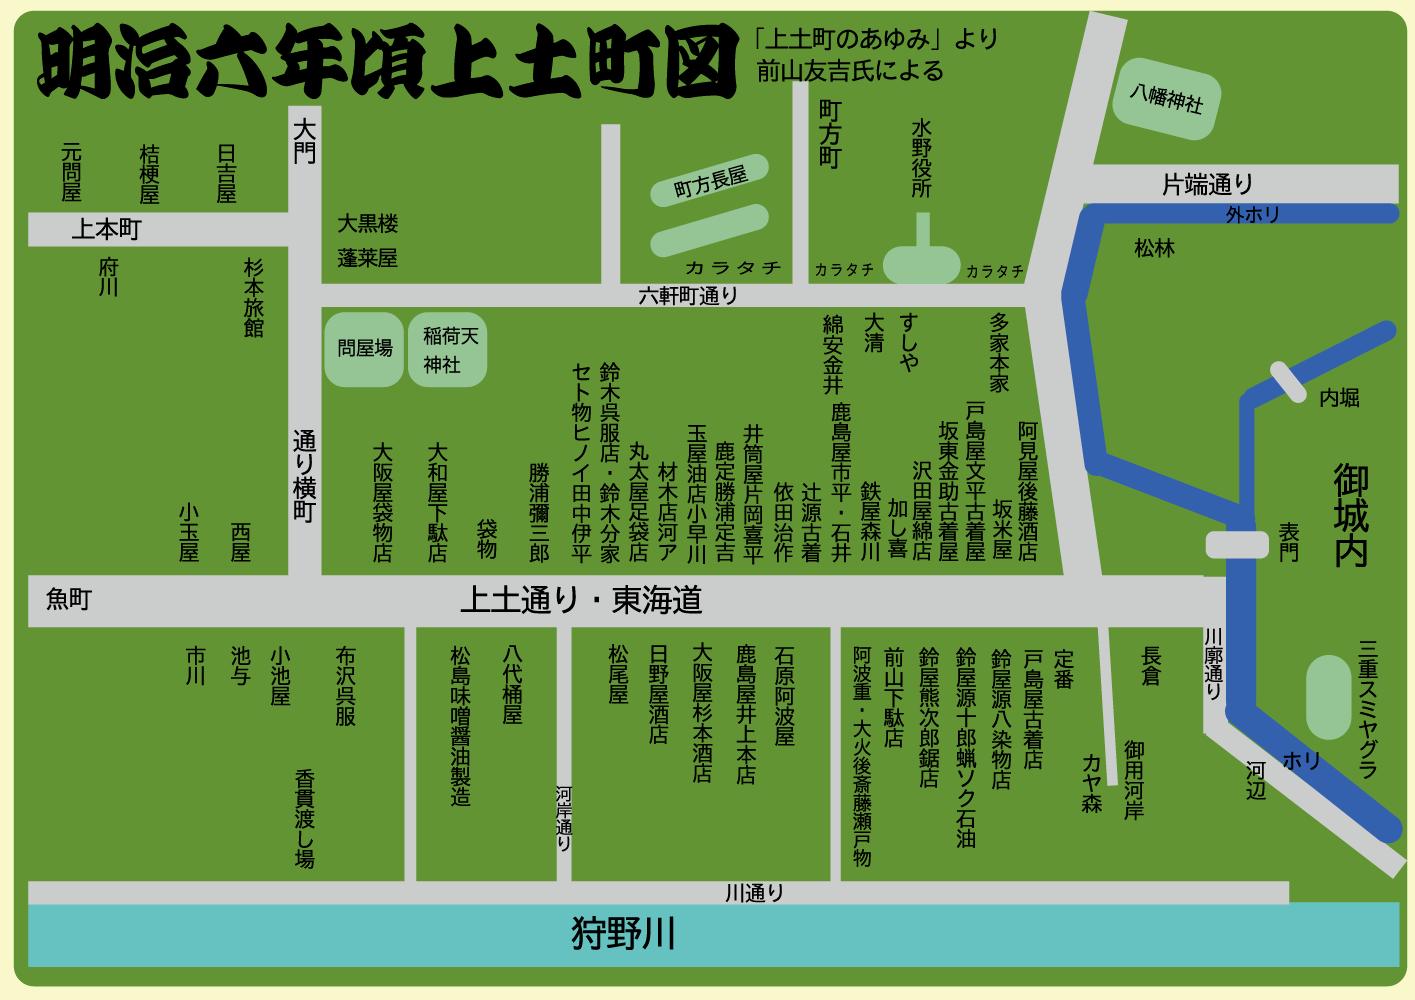 沼津上土町六軒町 明治六年頃の様子 地図